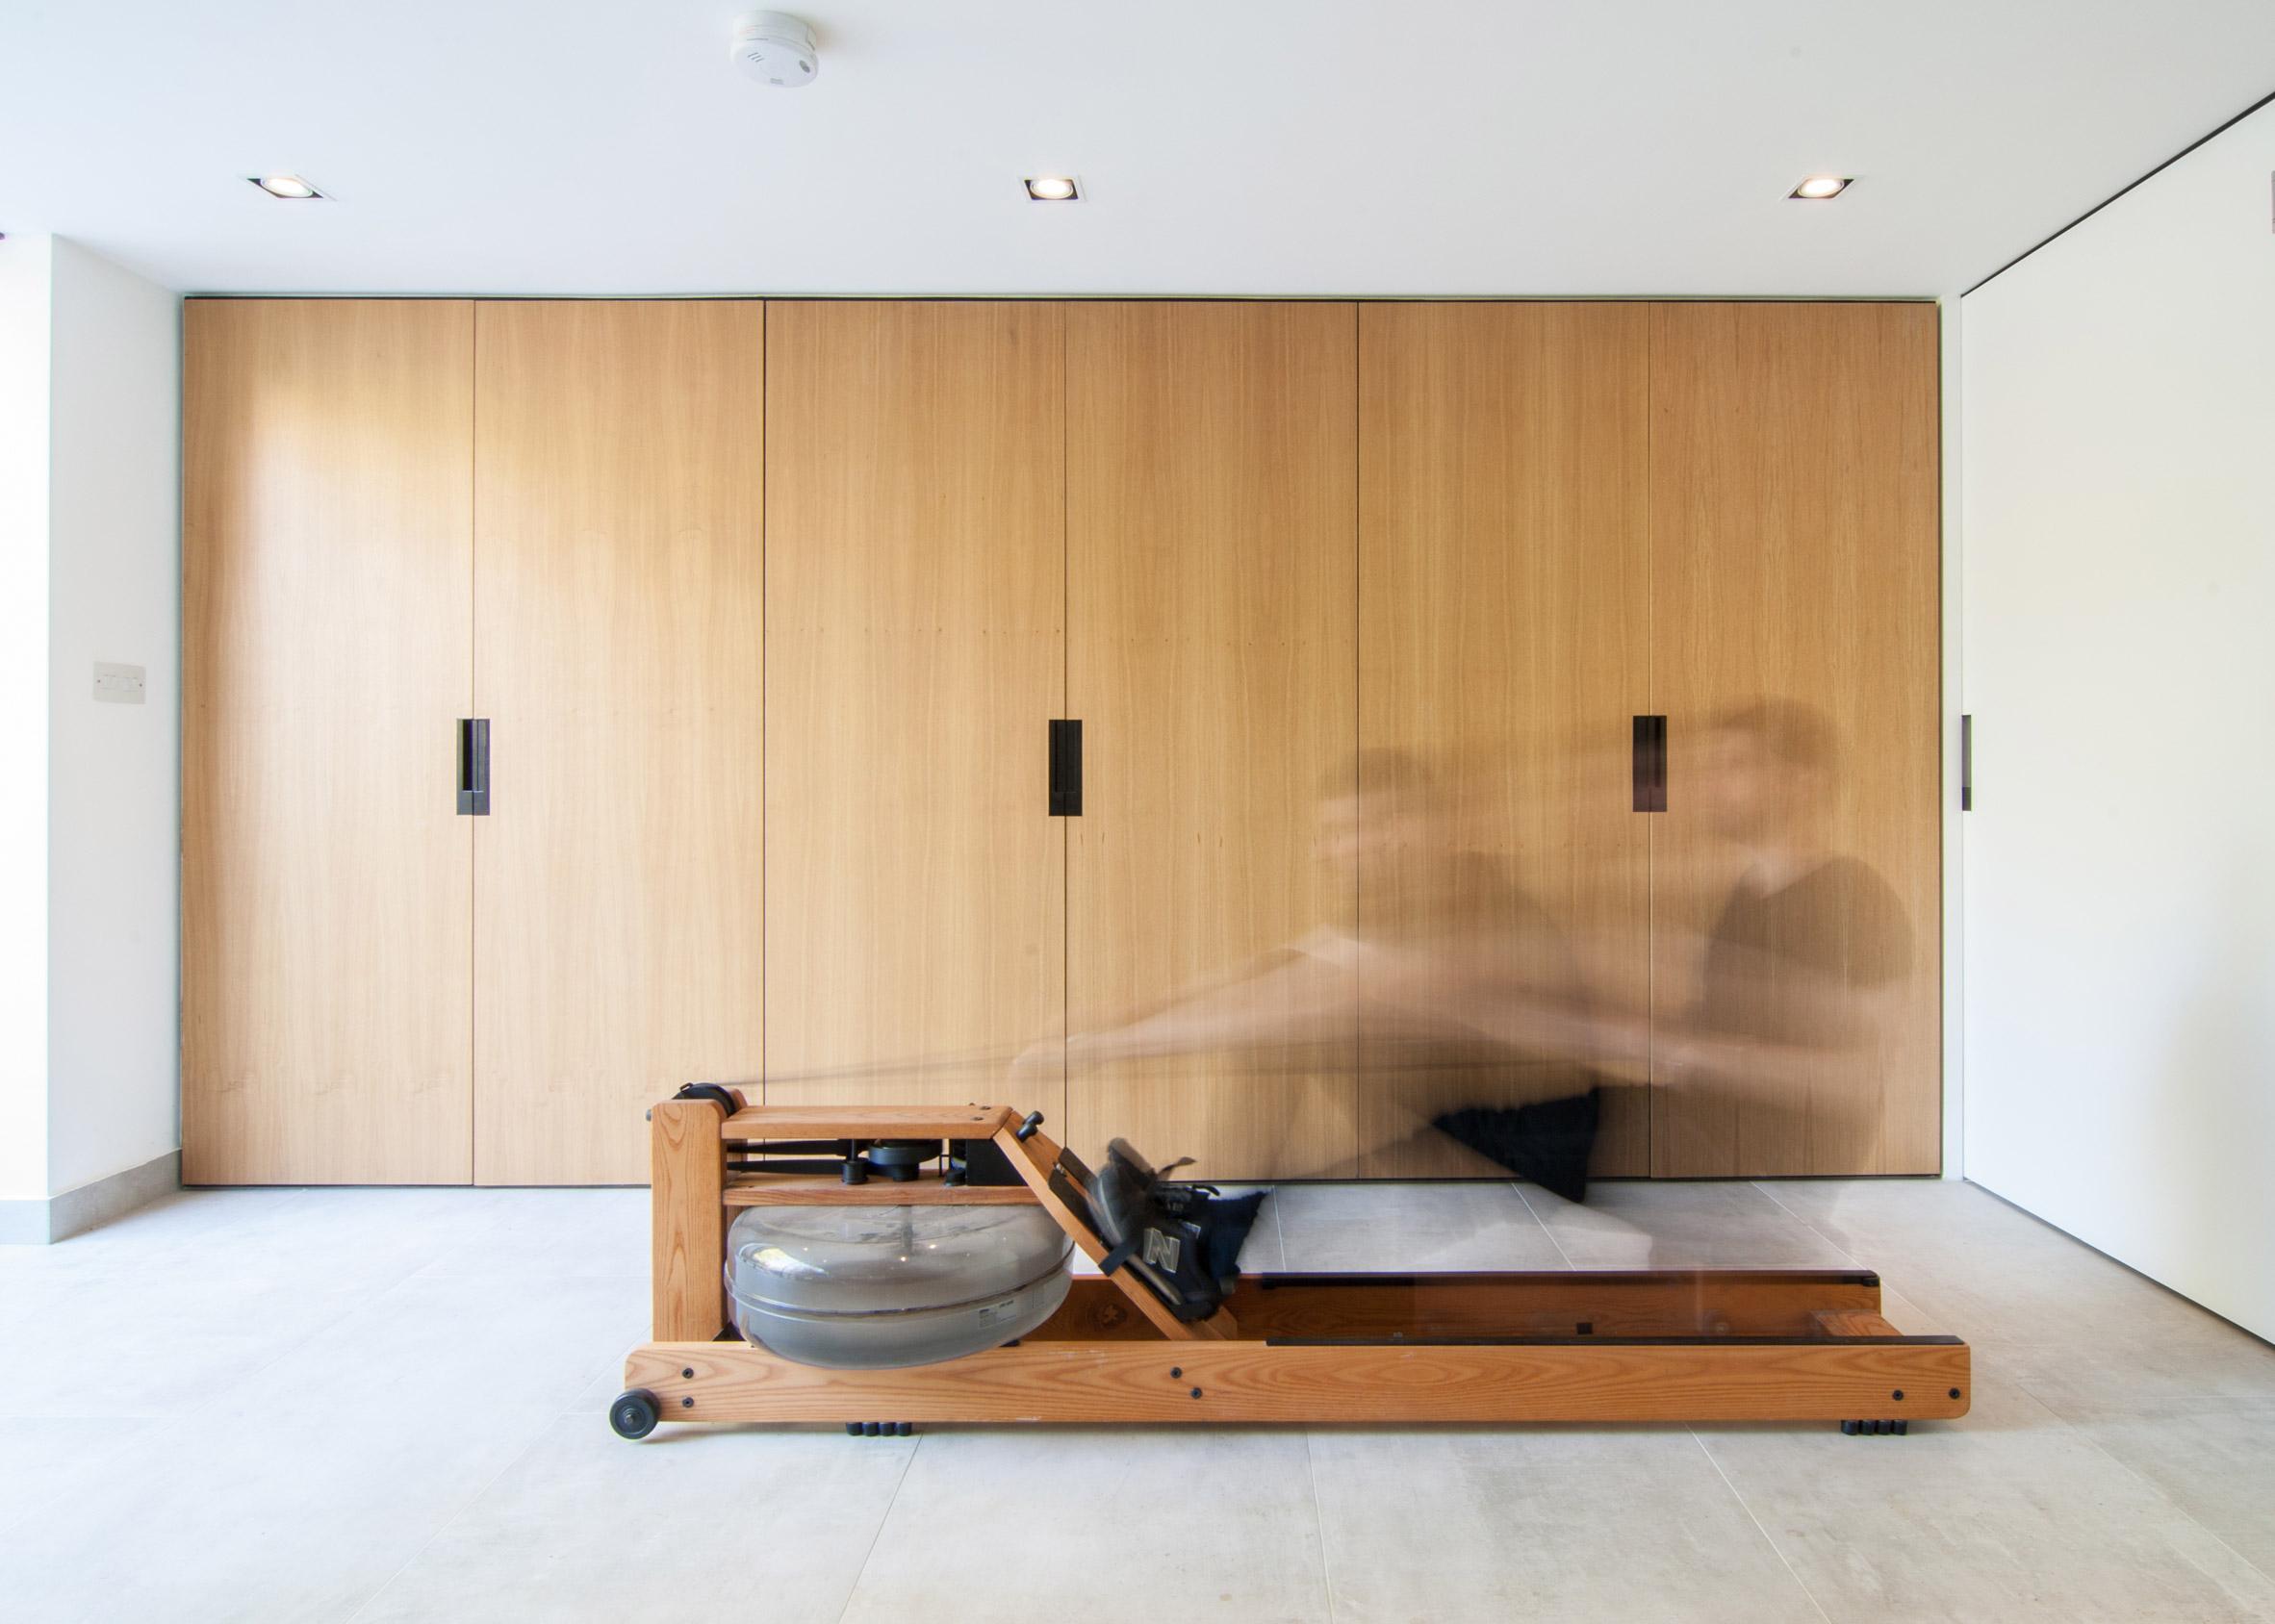 Woodworker's Studio, Tufnell Park, by Bradley Van Der Straeten